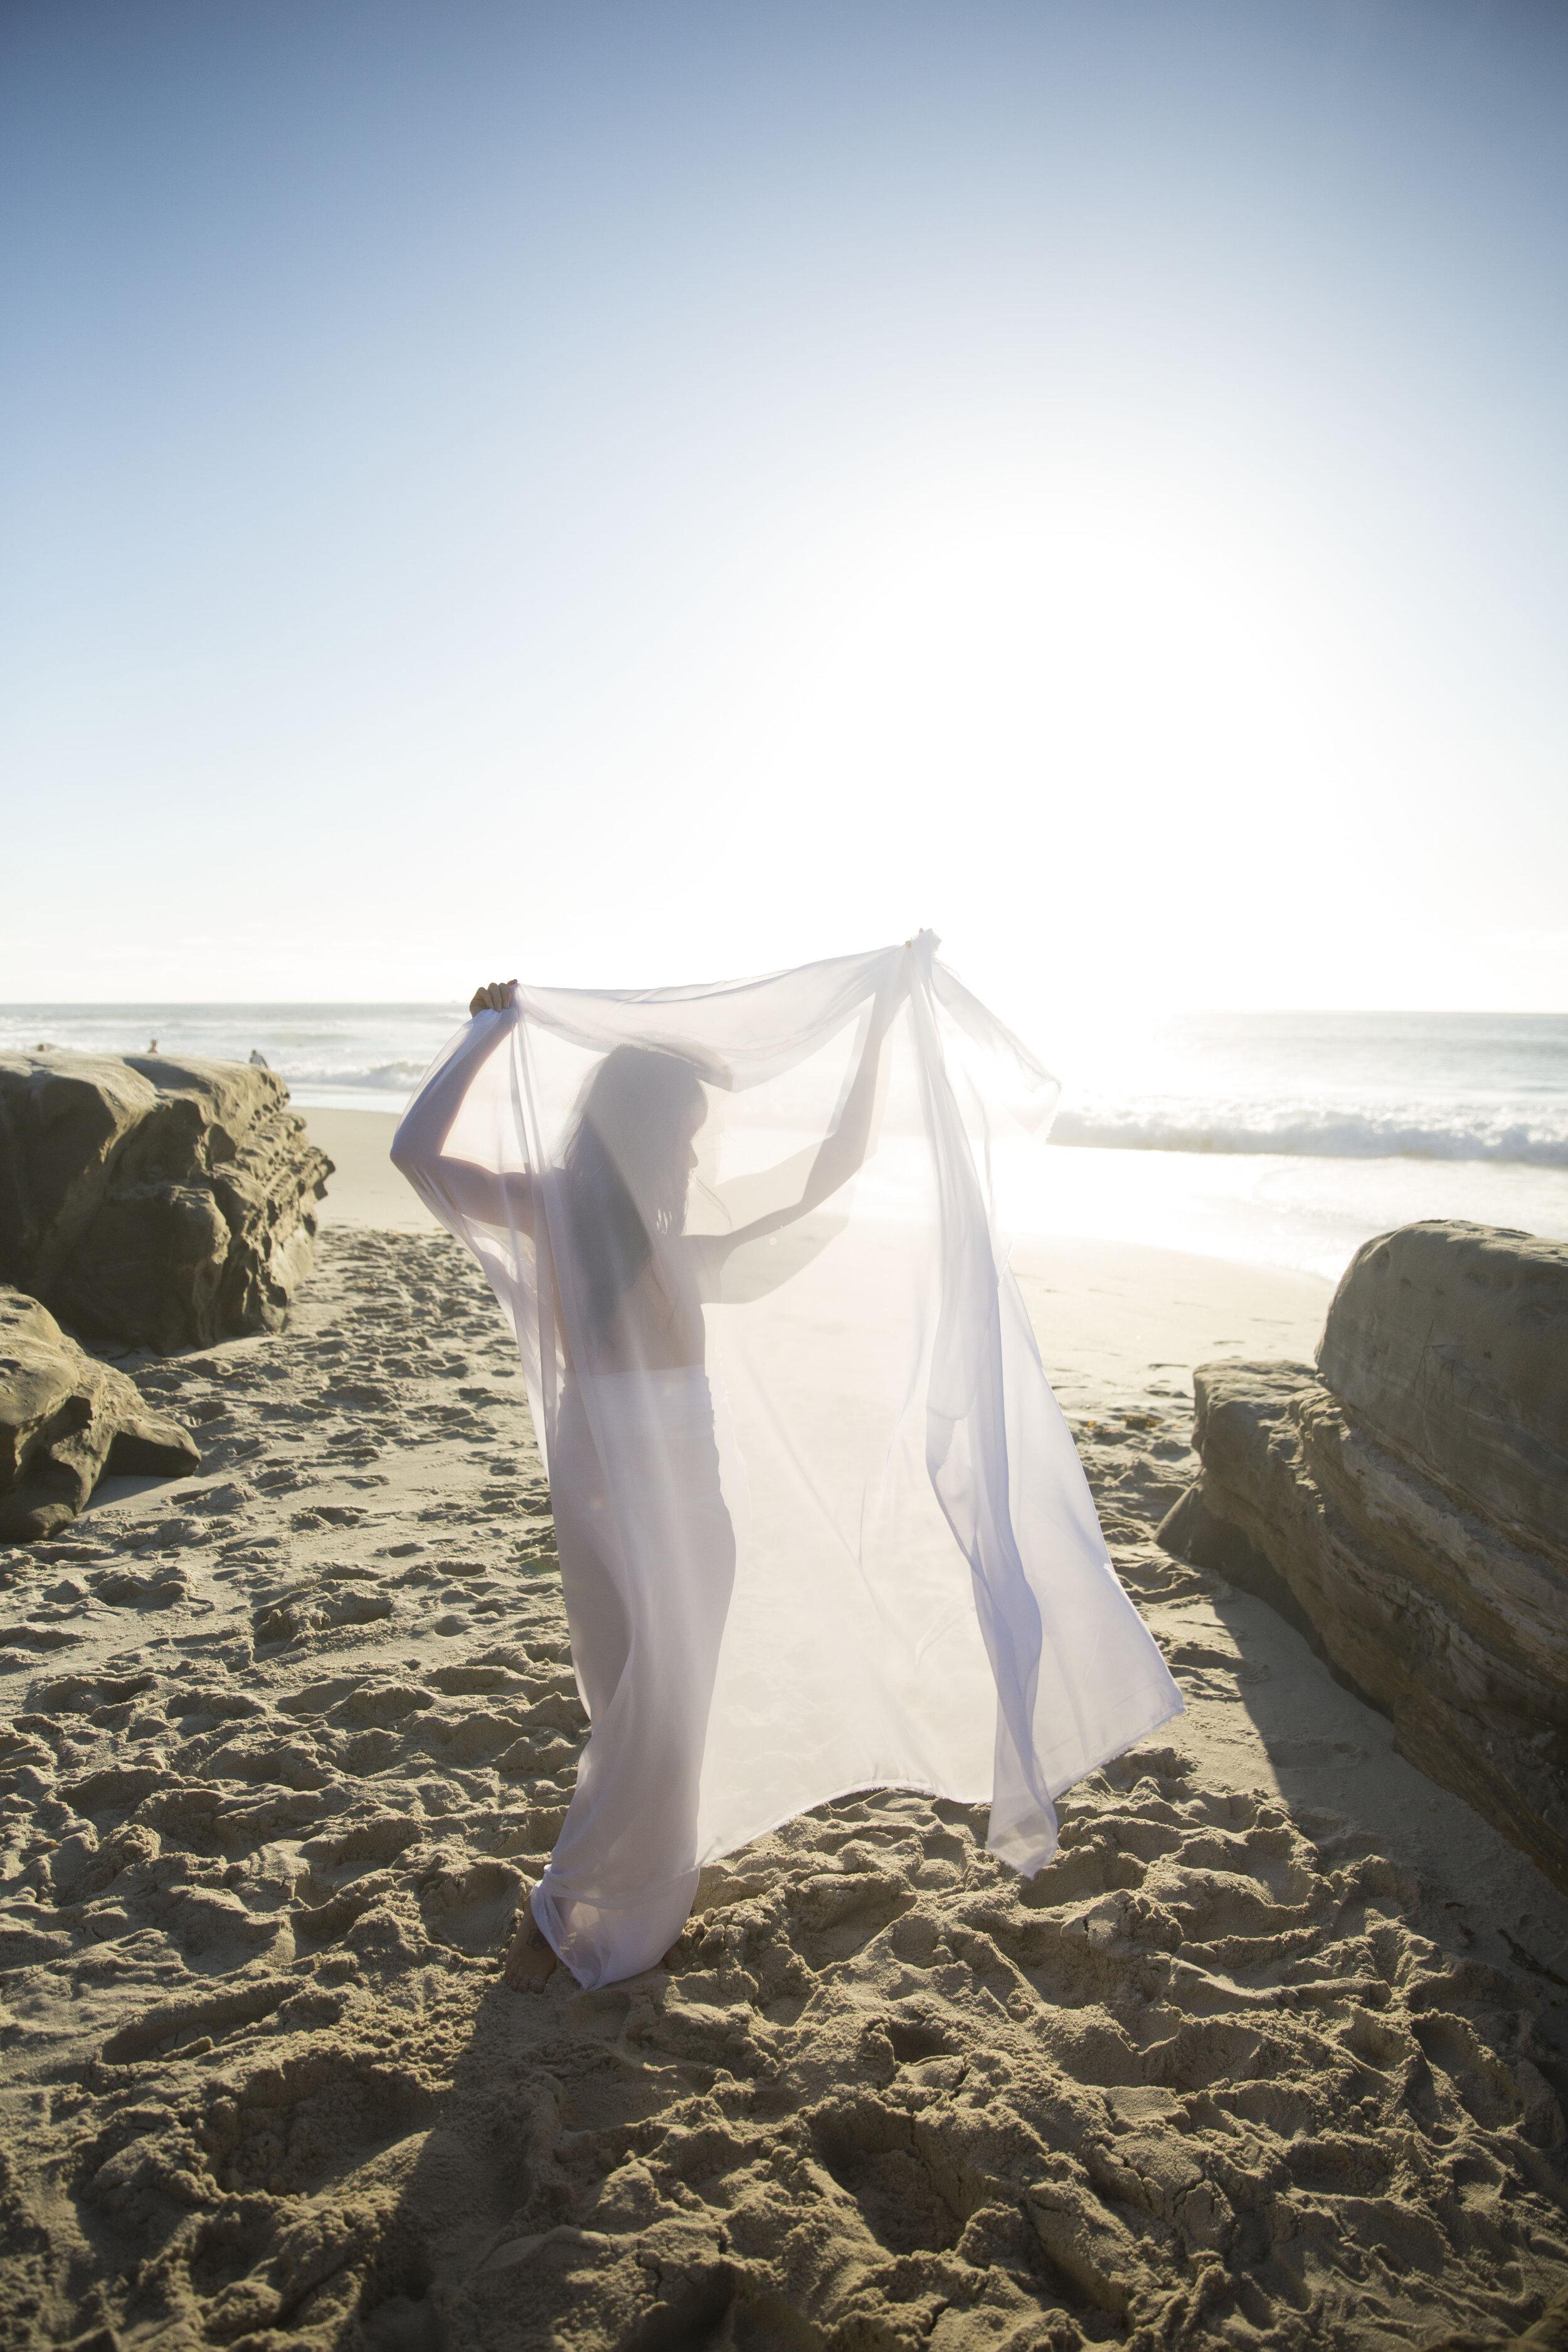 Nadia-ghost-goddess.jpg